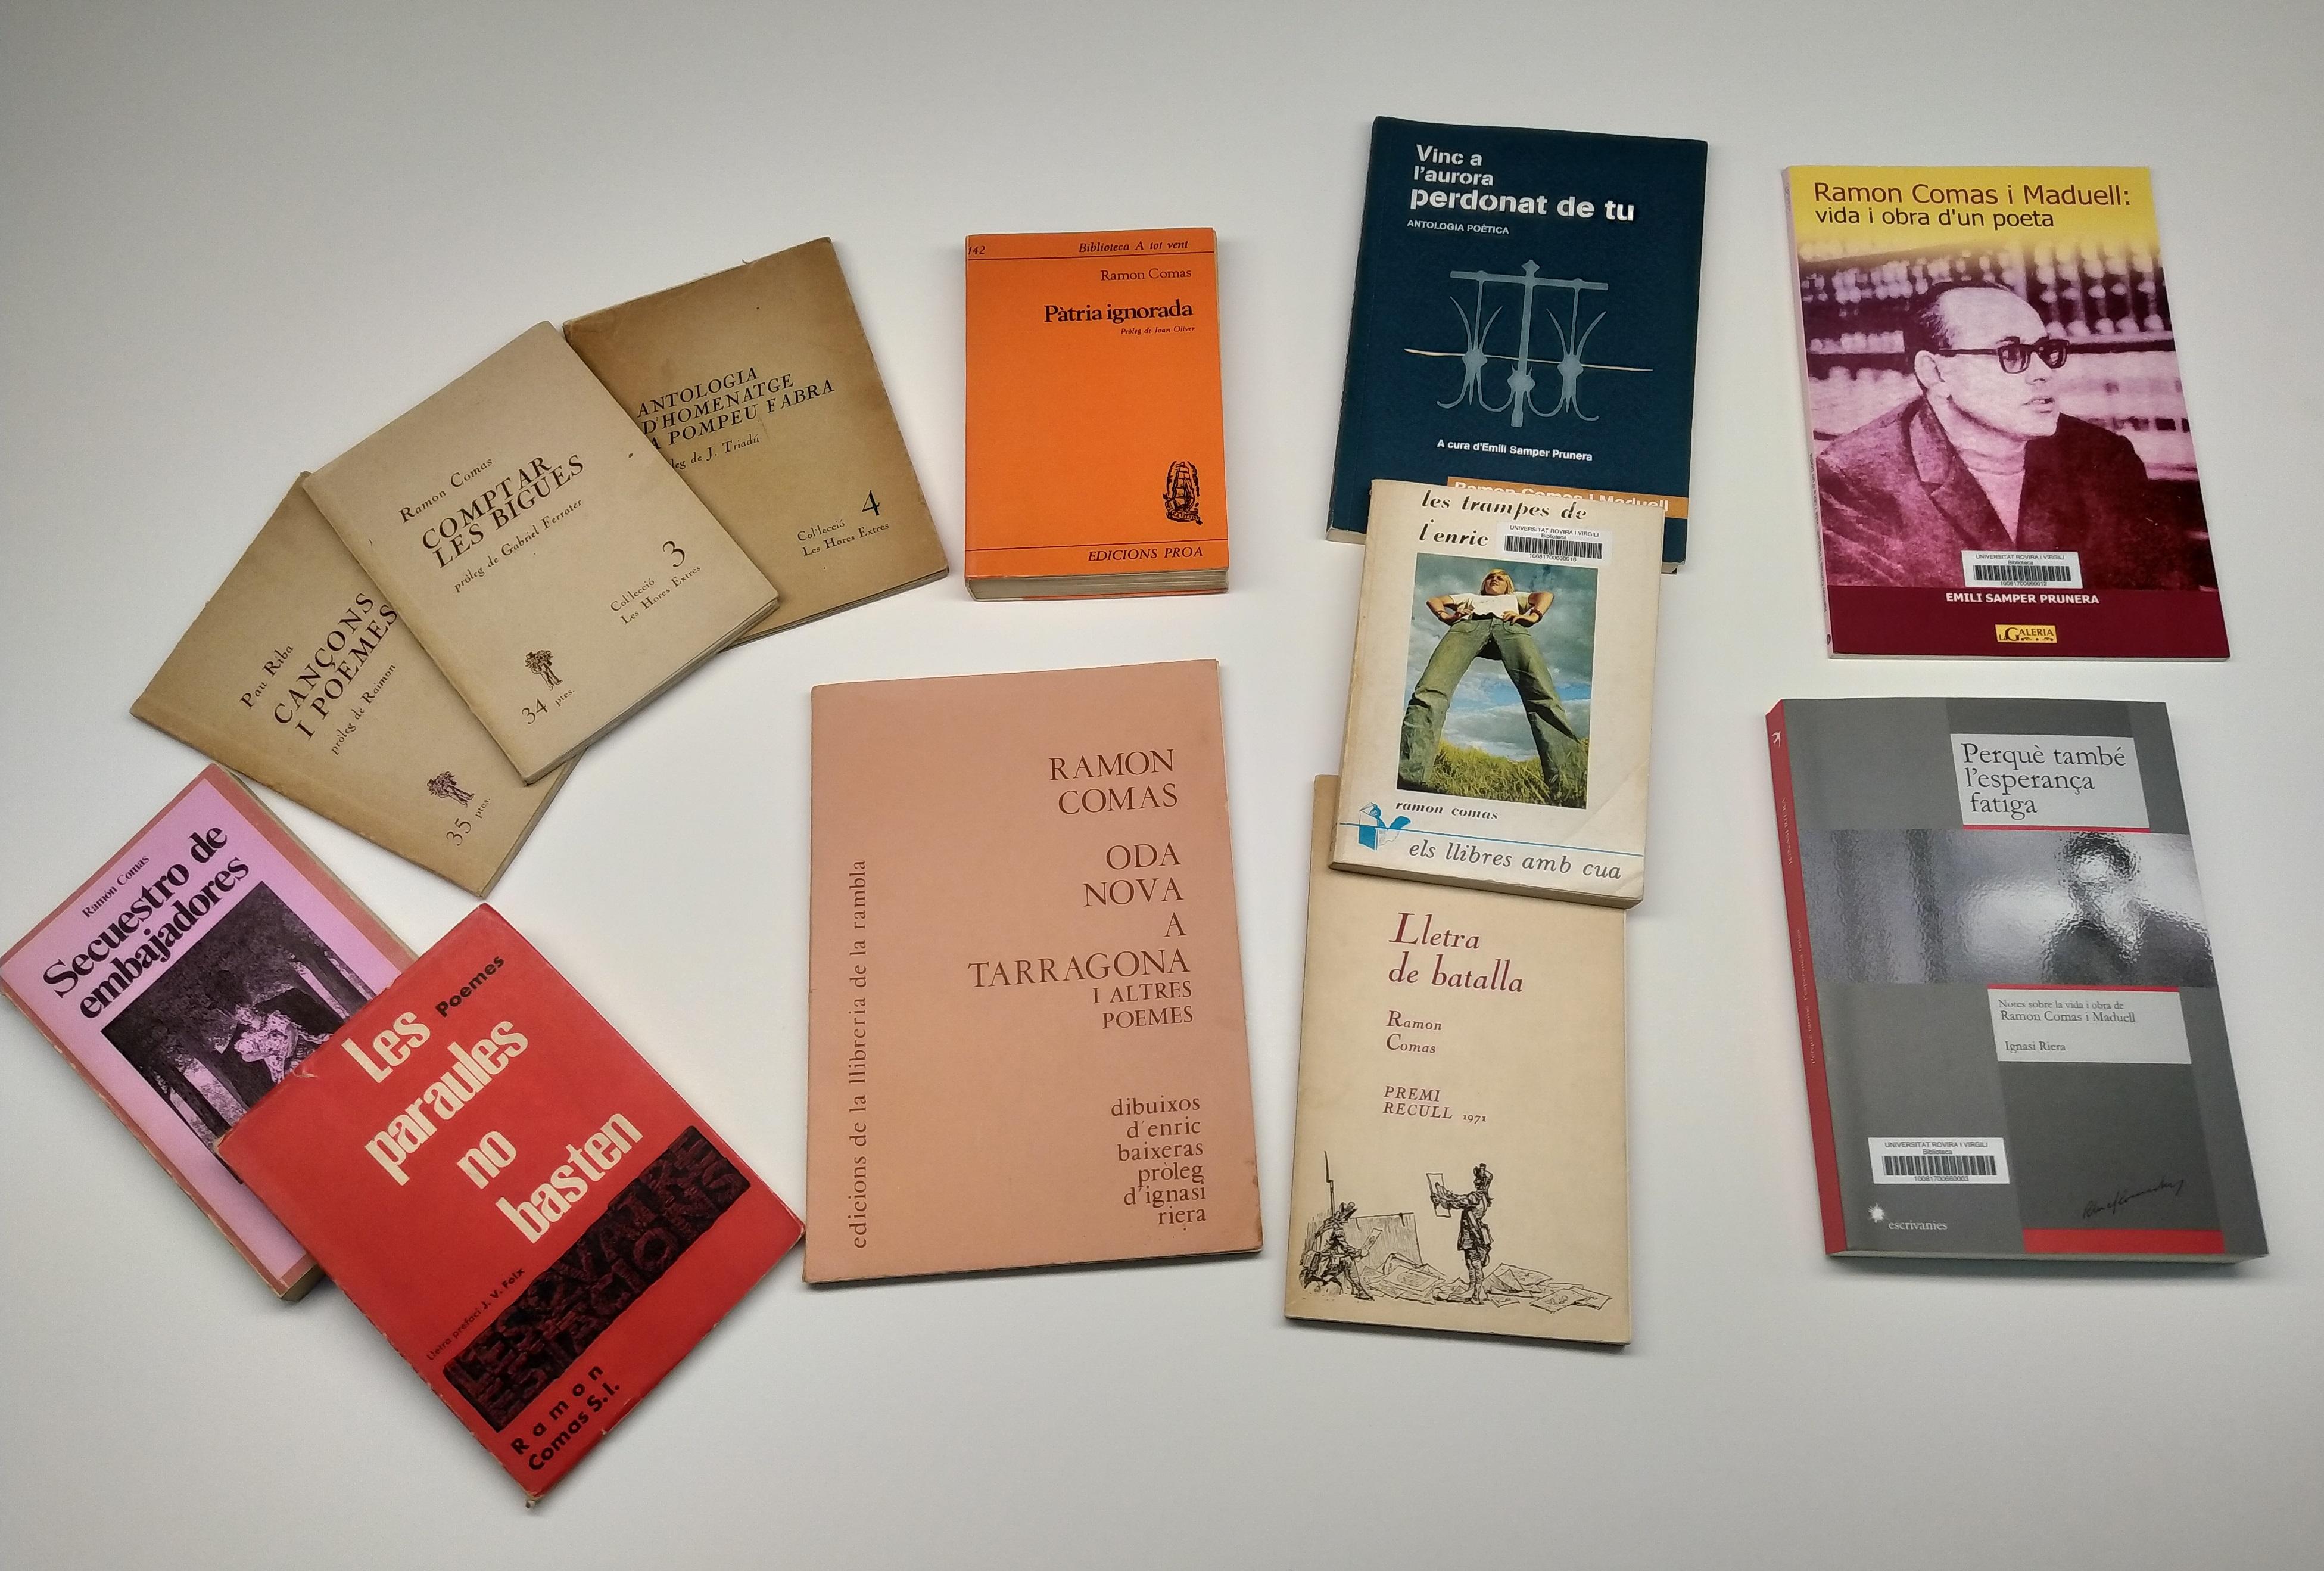 Llibres del Fons Ramon Comas I Maduell